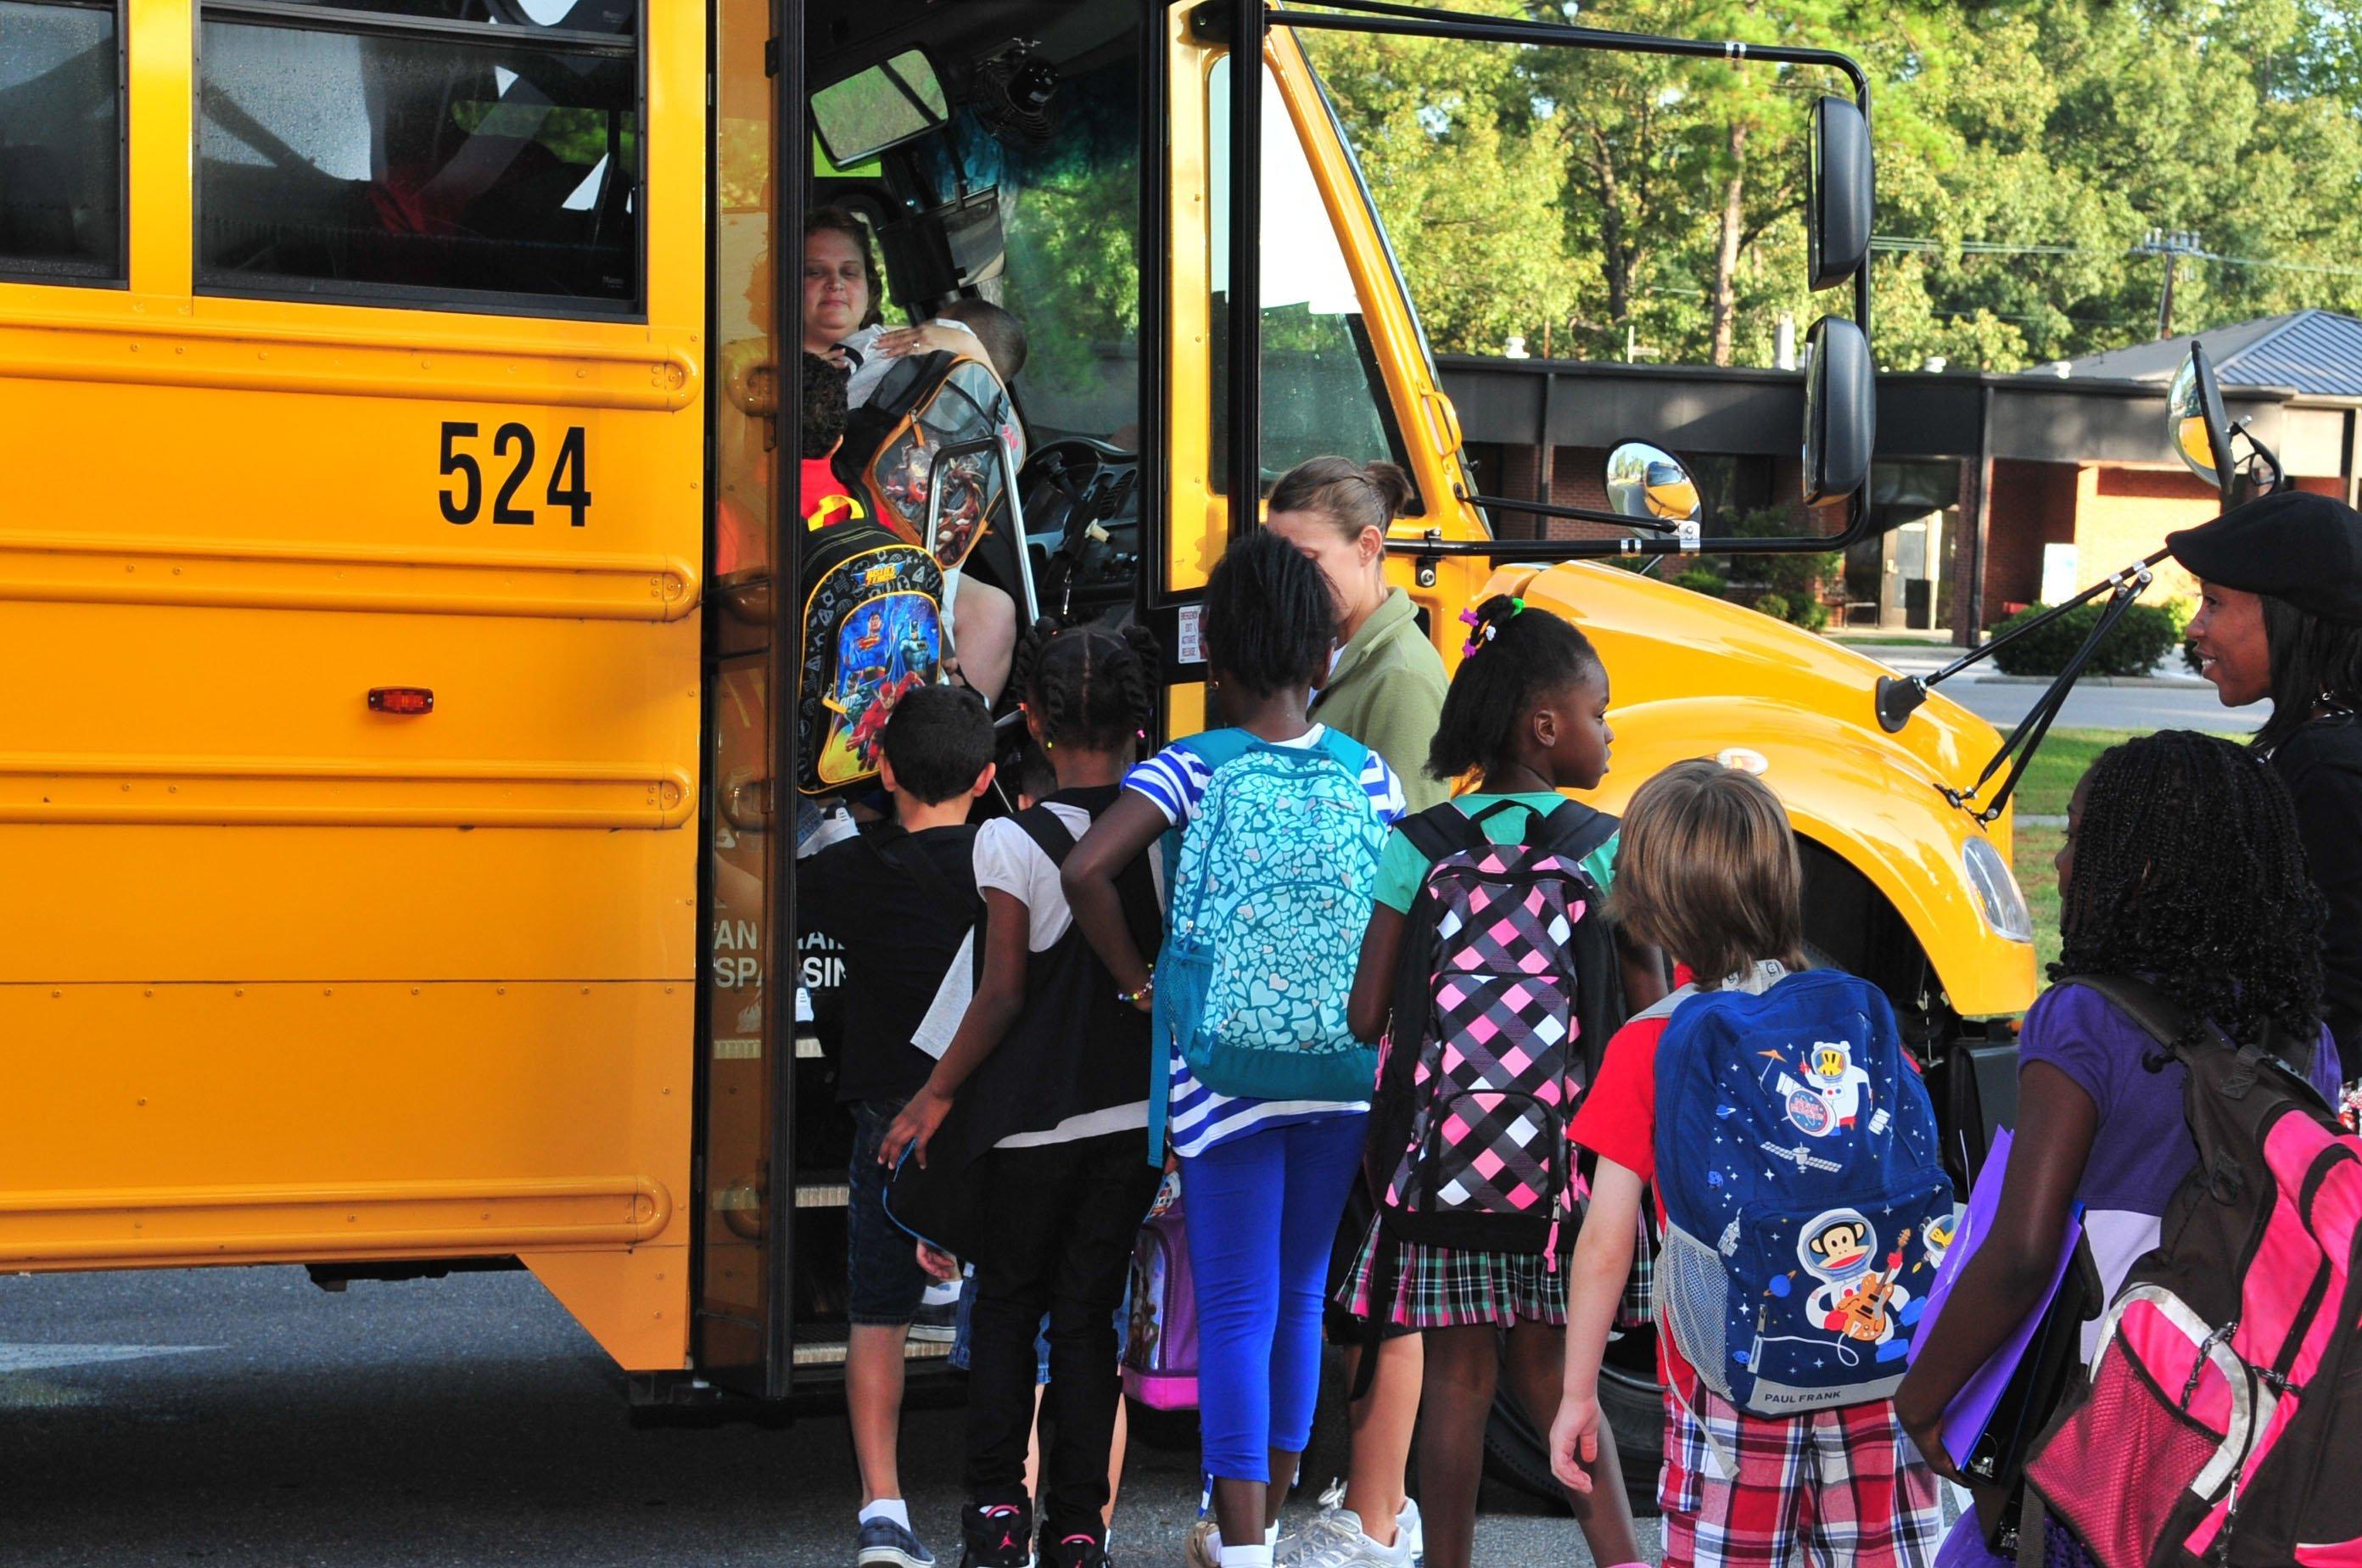 Kinder und Schulbus | Quelle: US Air Force